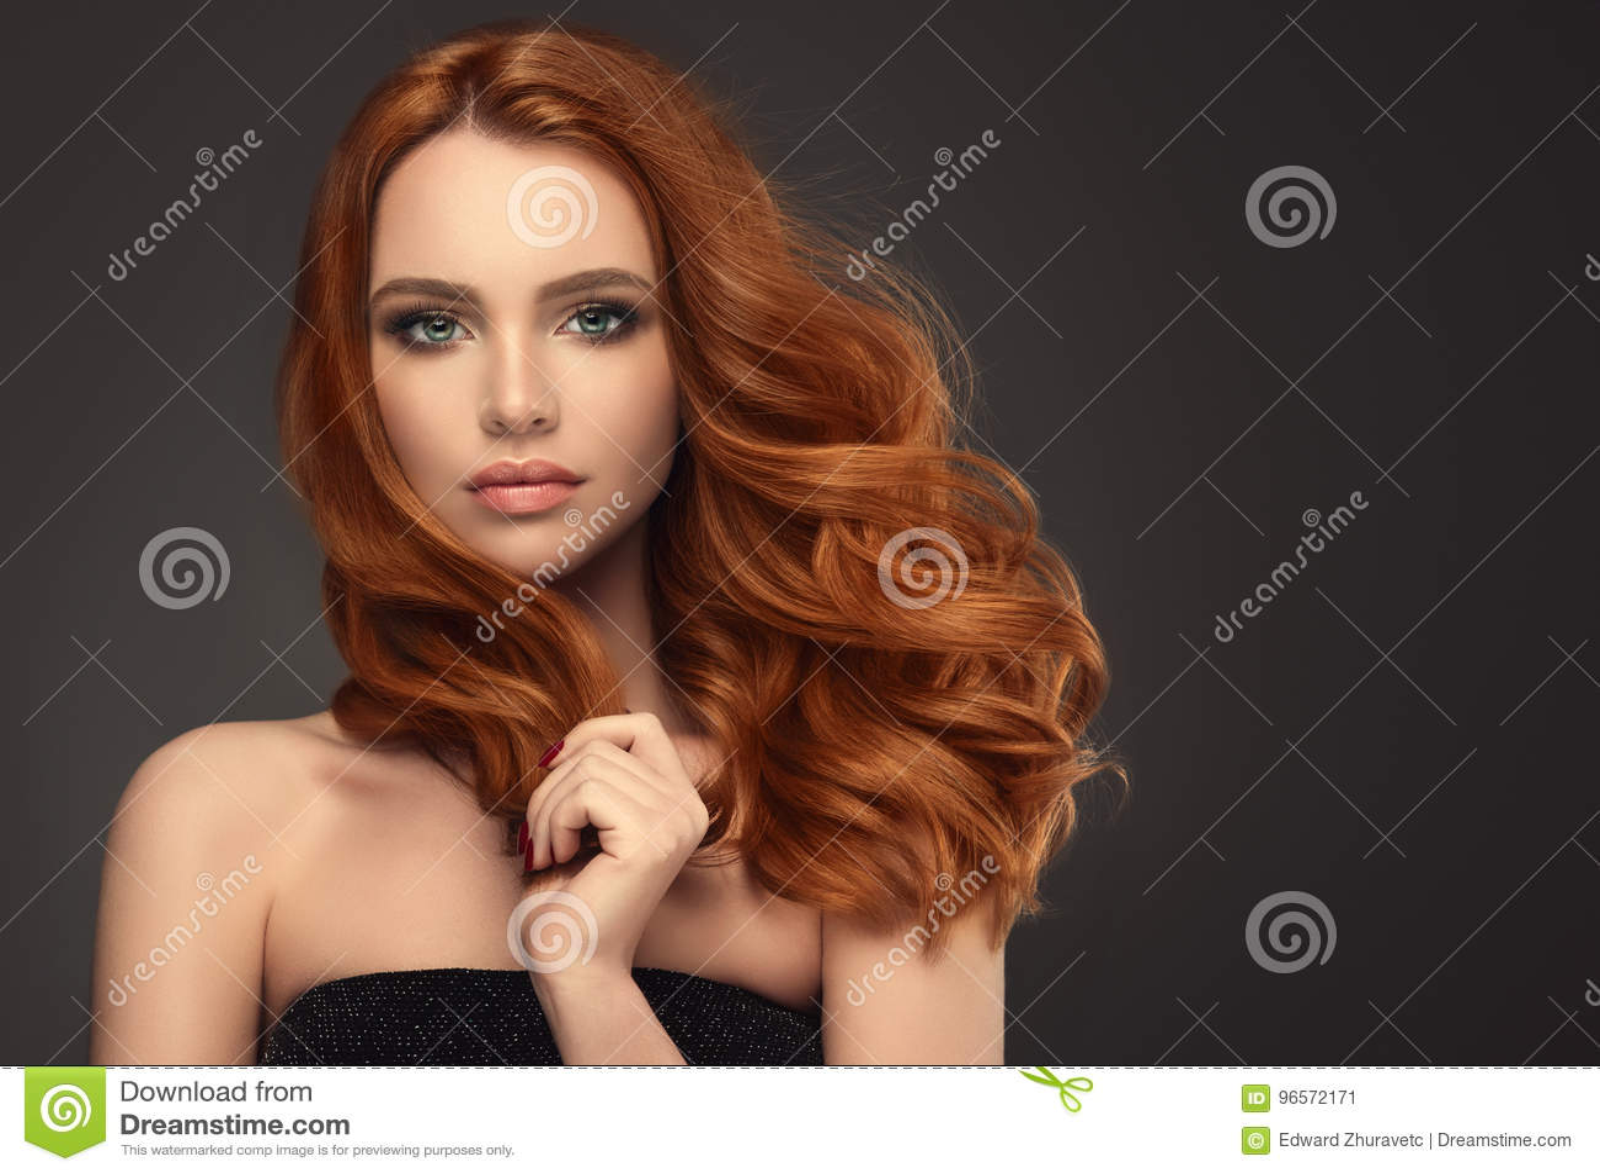 Красная с волосами женщина с объемистым, сияющим и курчавым стилем причёсок Frizzy волосы